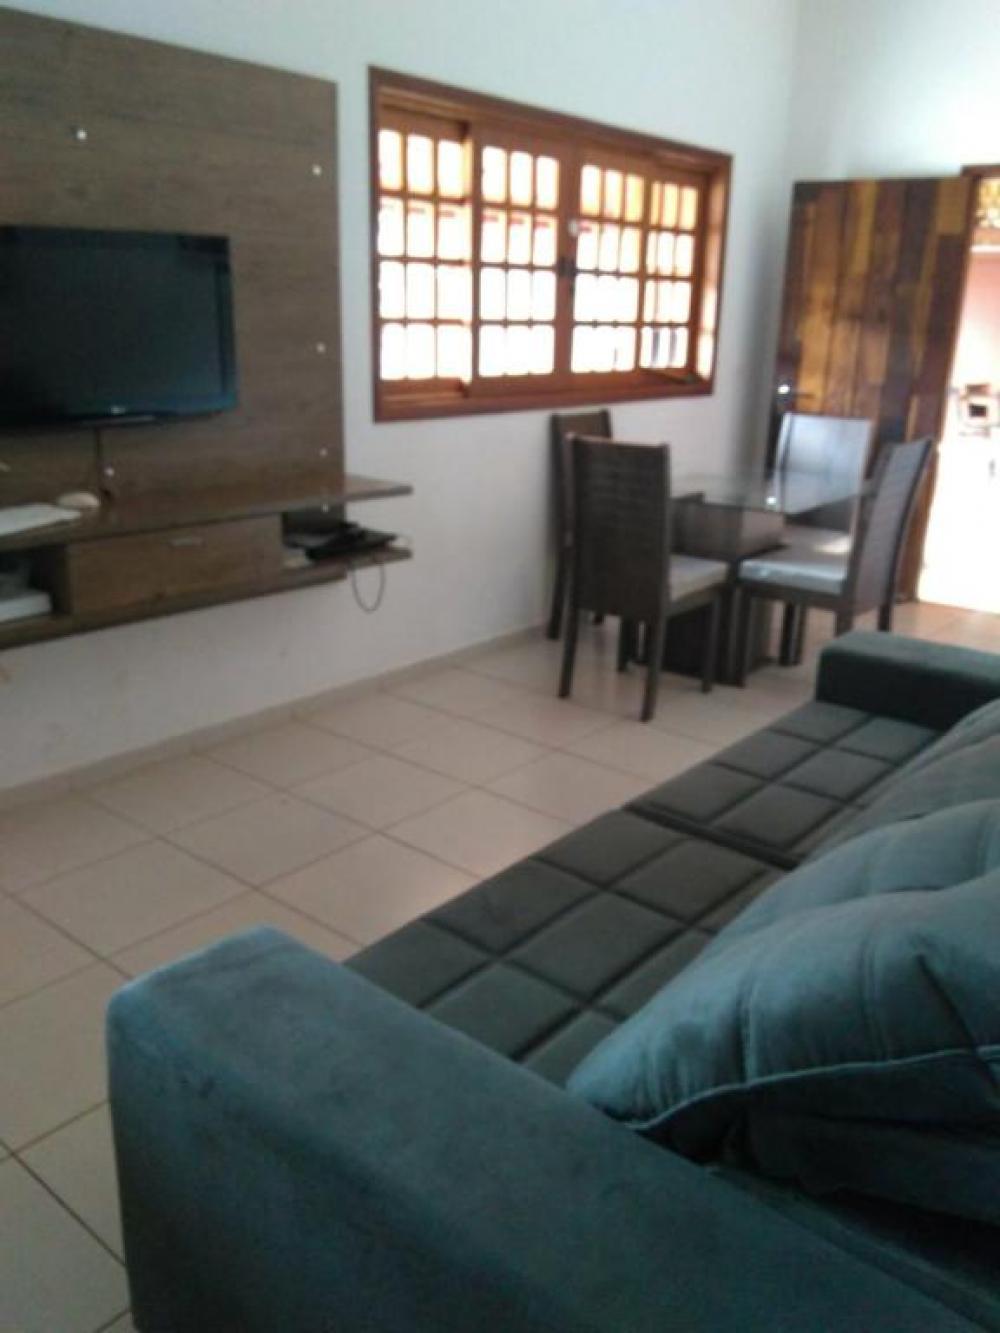 Comprar Casa / Padrão em Neves Paulista apenas R$ 600.000,00 - Foto 15